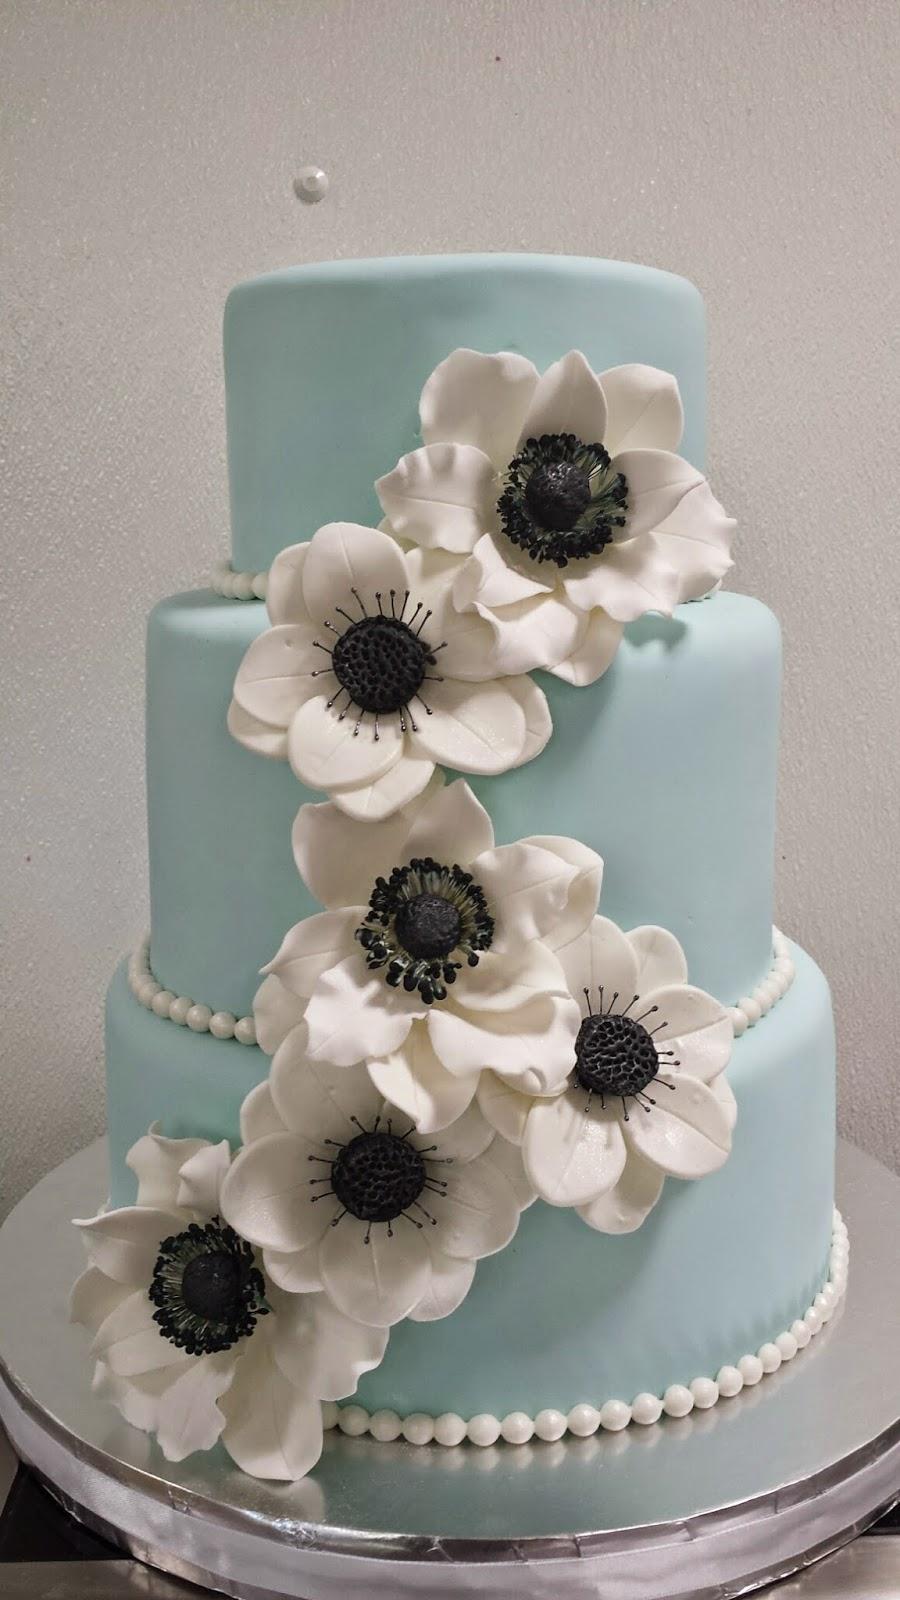 tickled pink cakes tiffany blue wedding cake. Black Bedroom Furniture Sets. Home Design Ideas